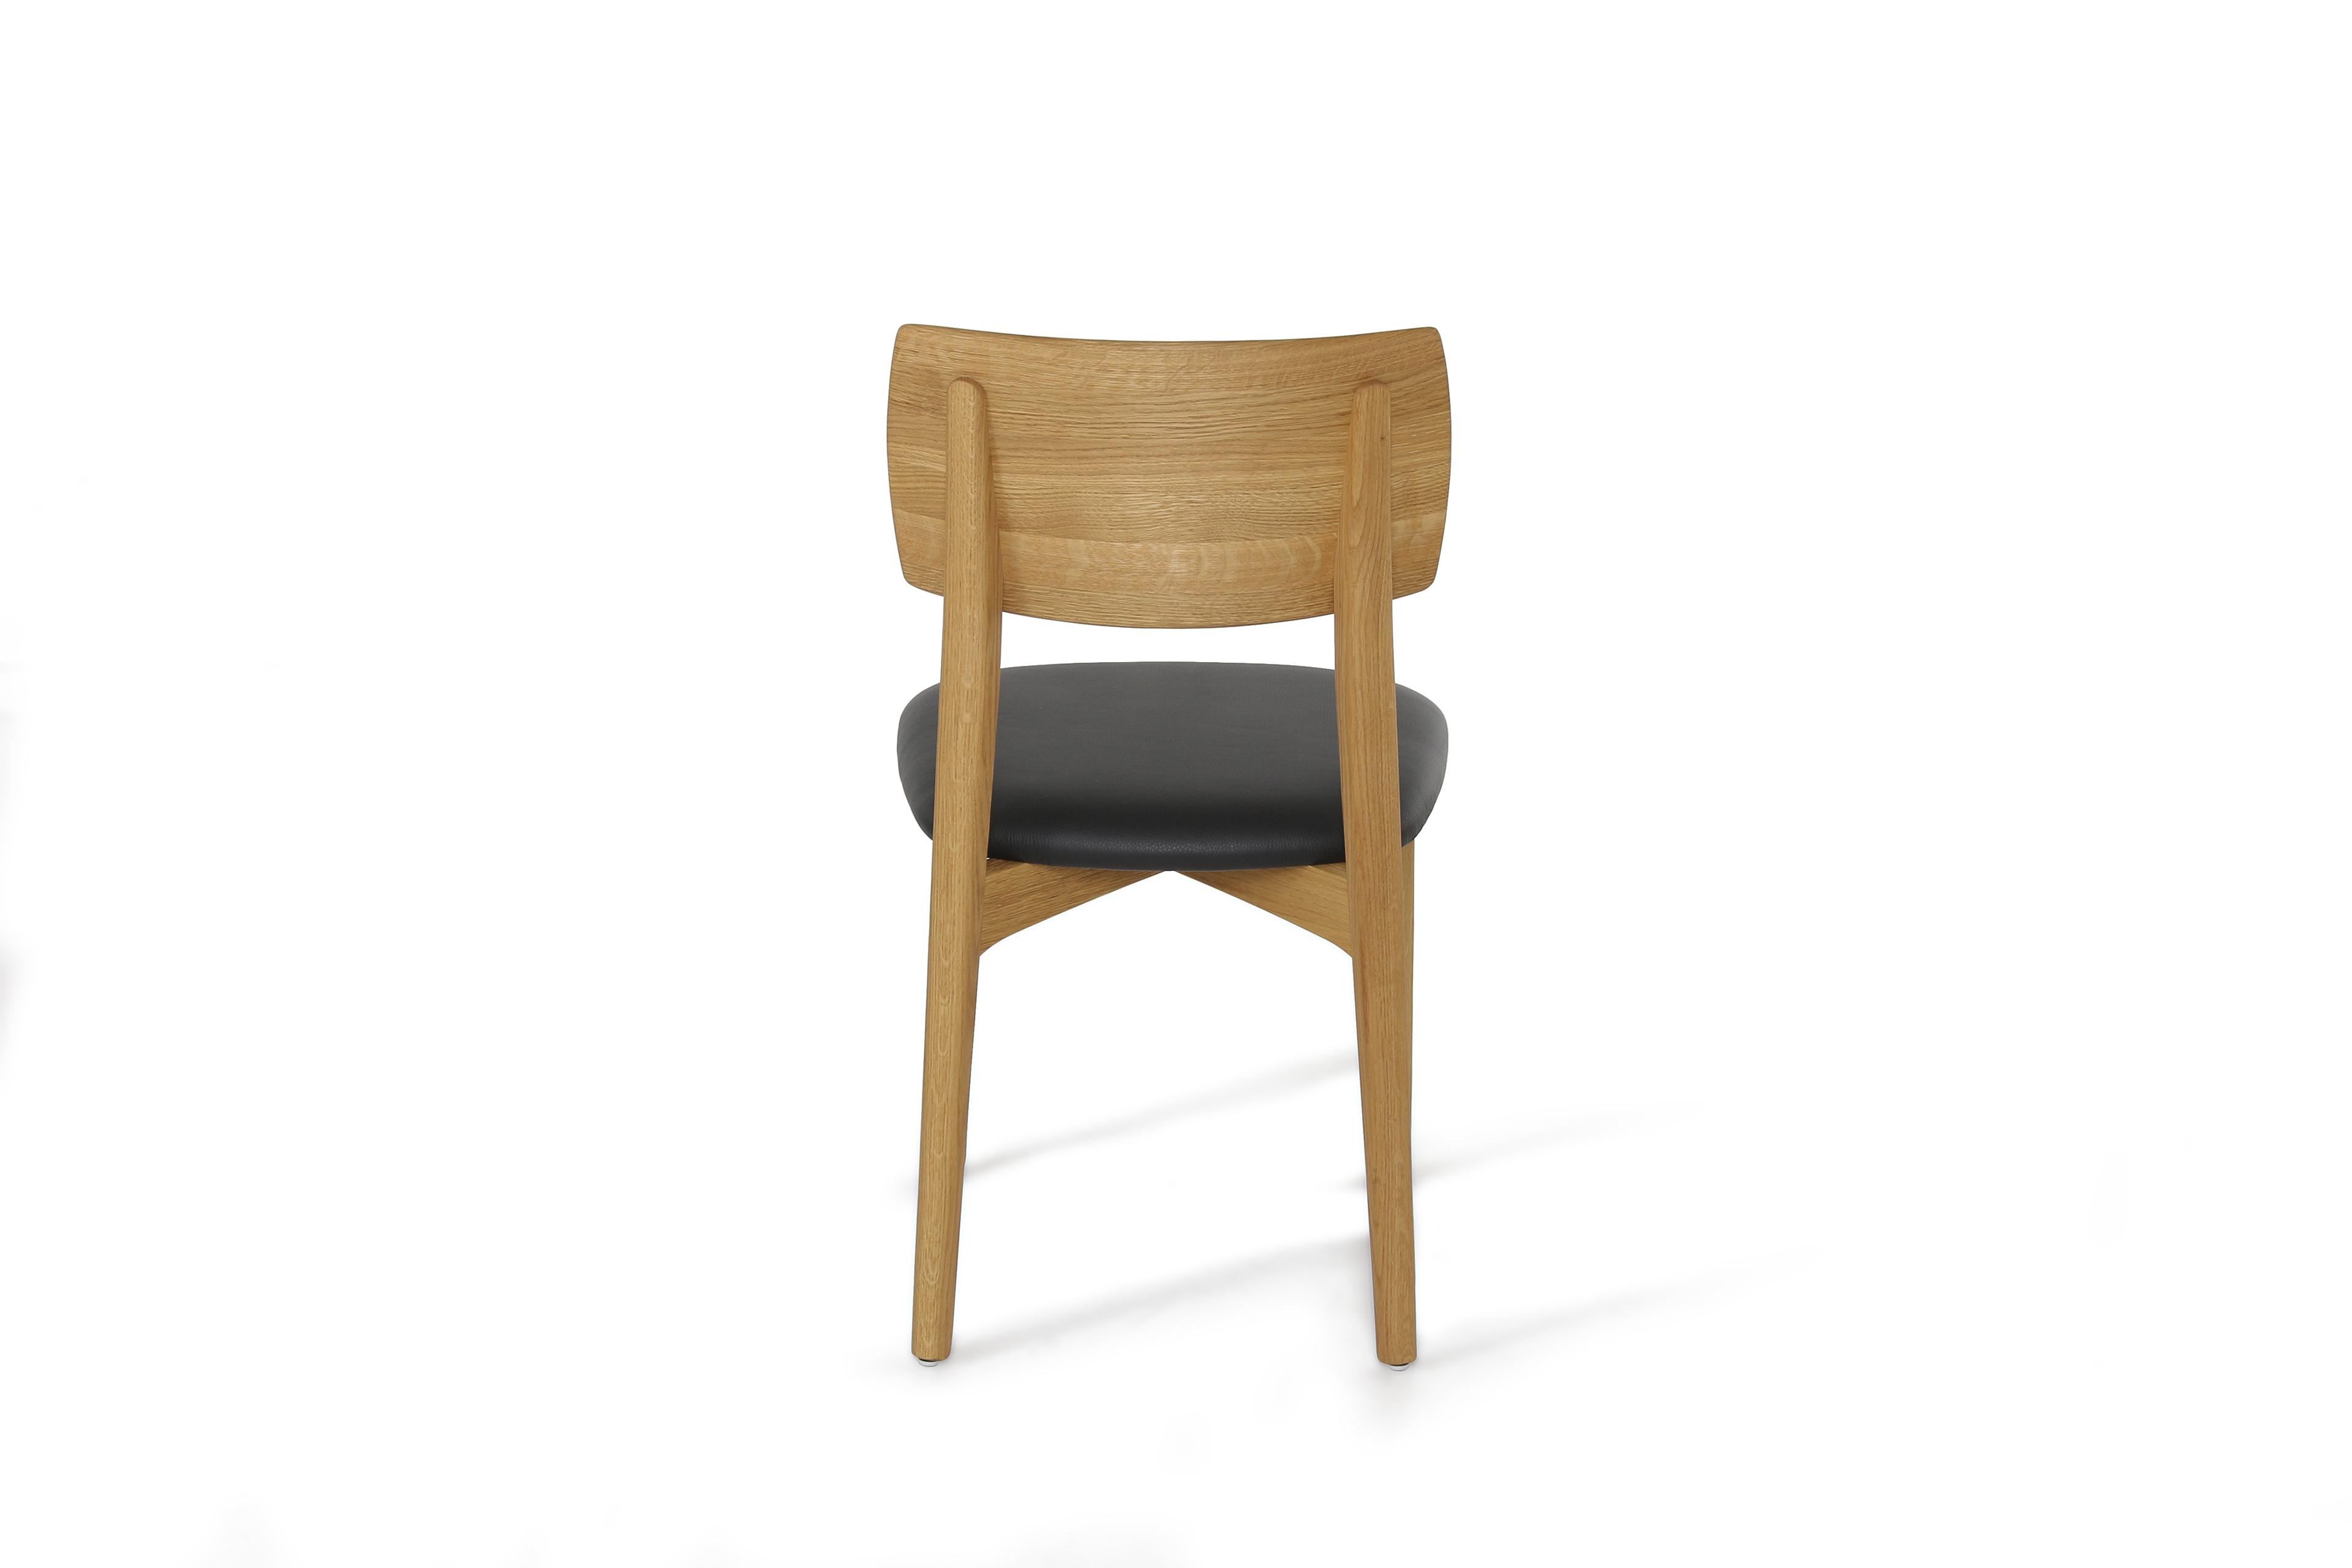 esszimmer s kultur wildeiche leder schwarz von w stmann. Black Bedroom Furniture Sets. Home Design Ideas